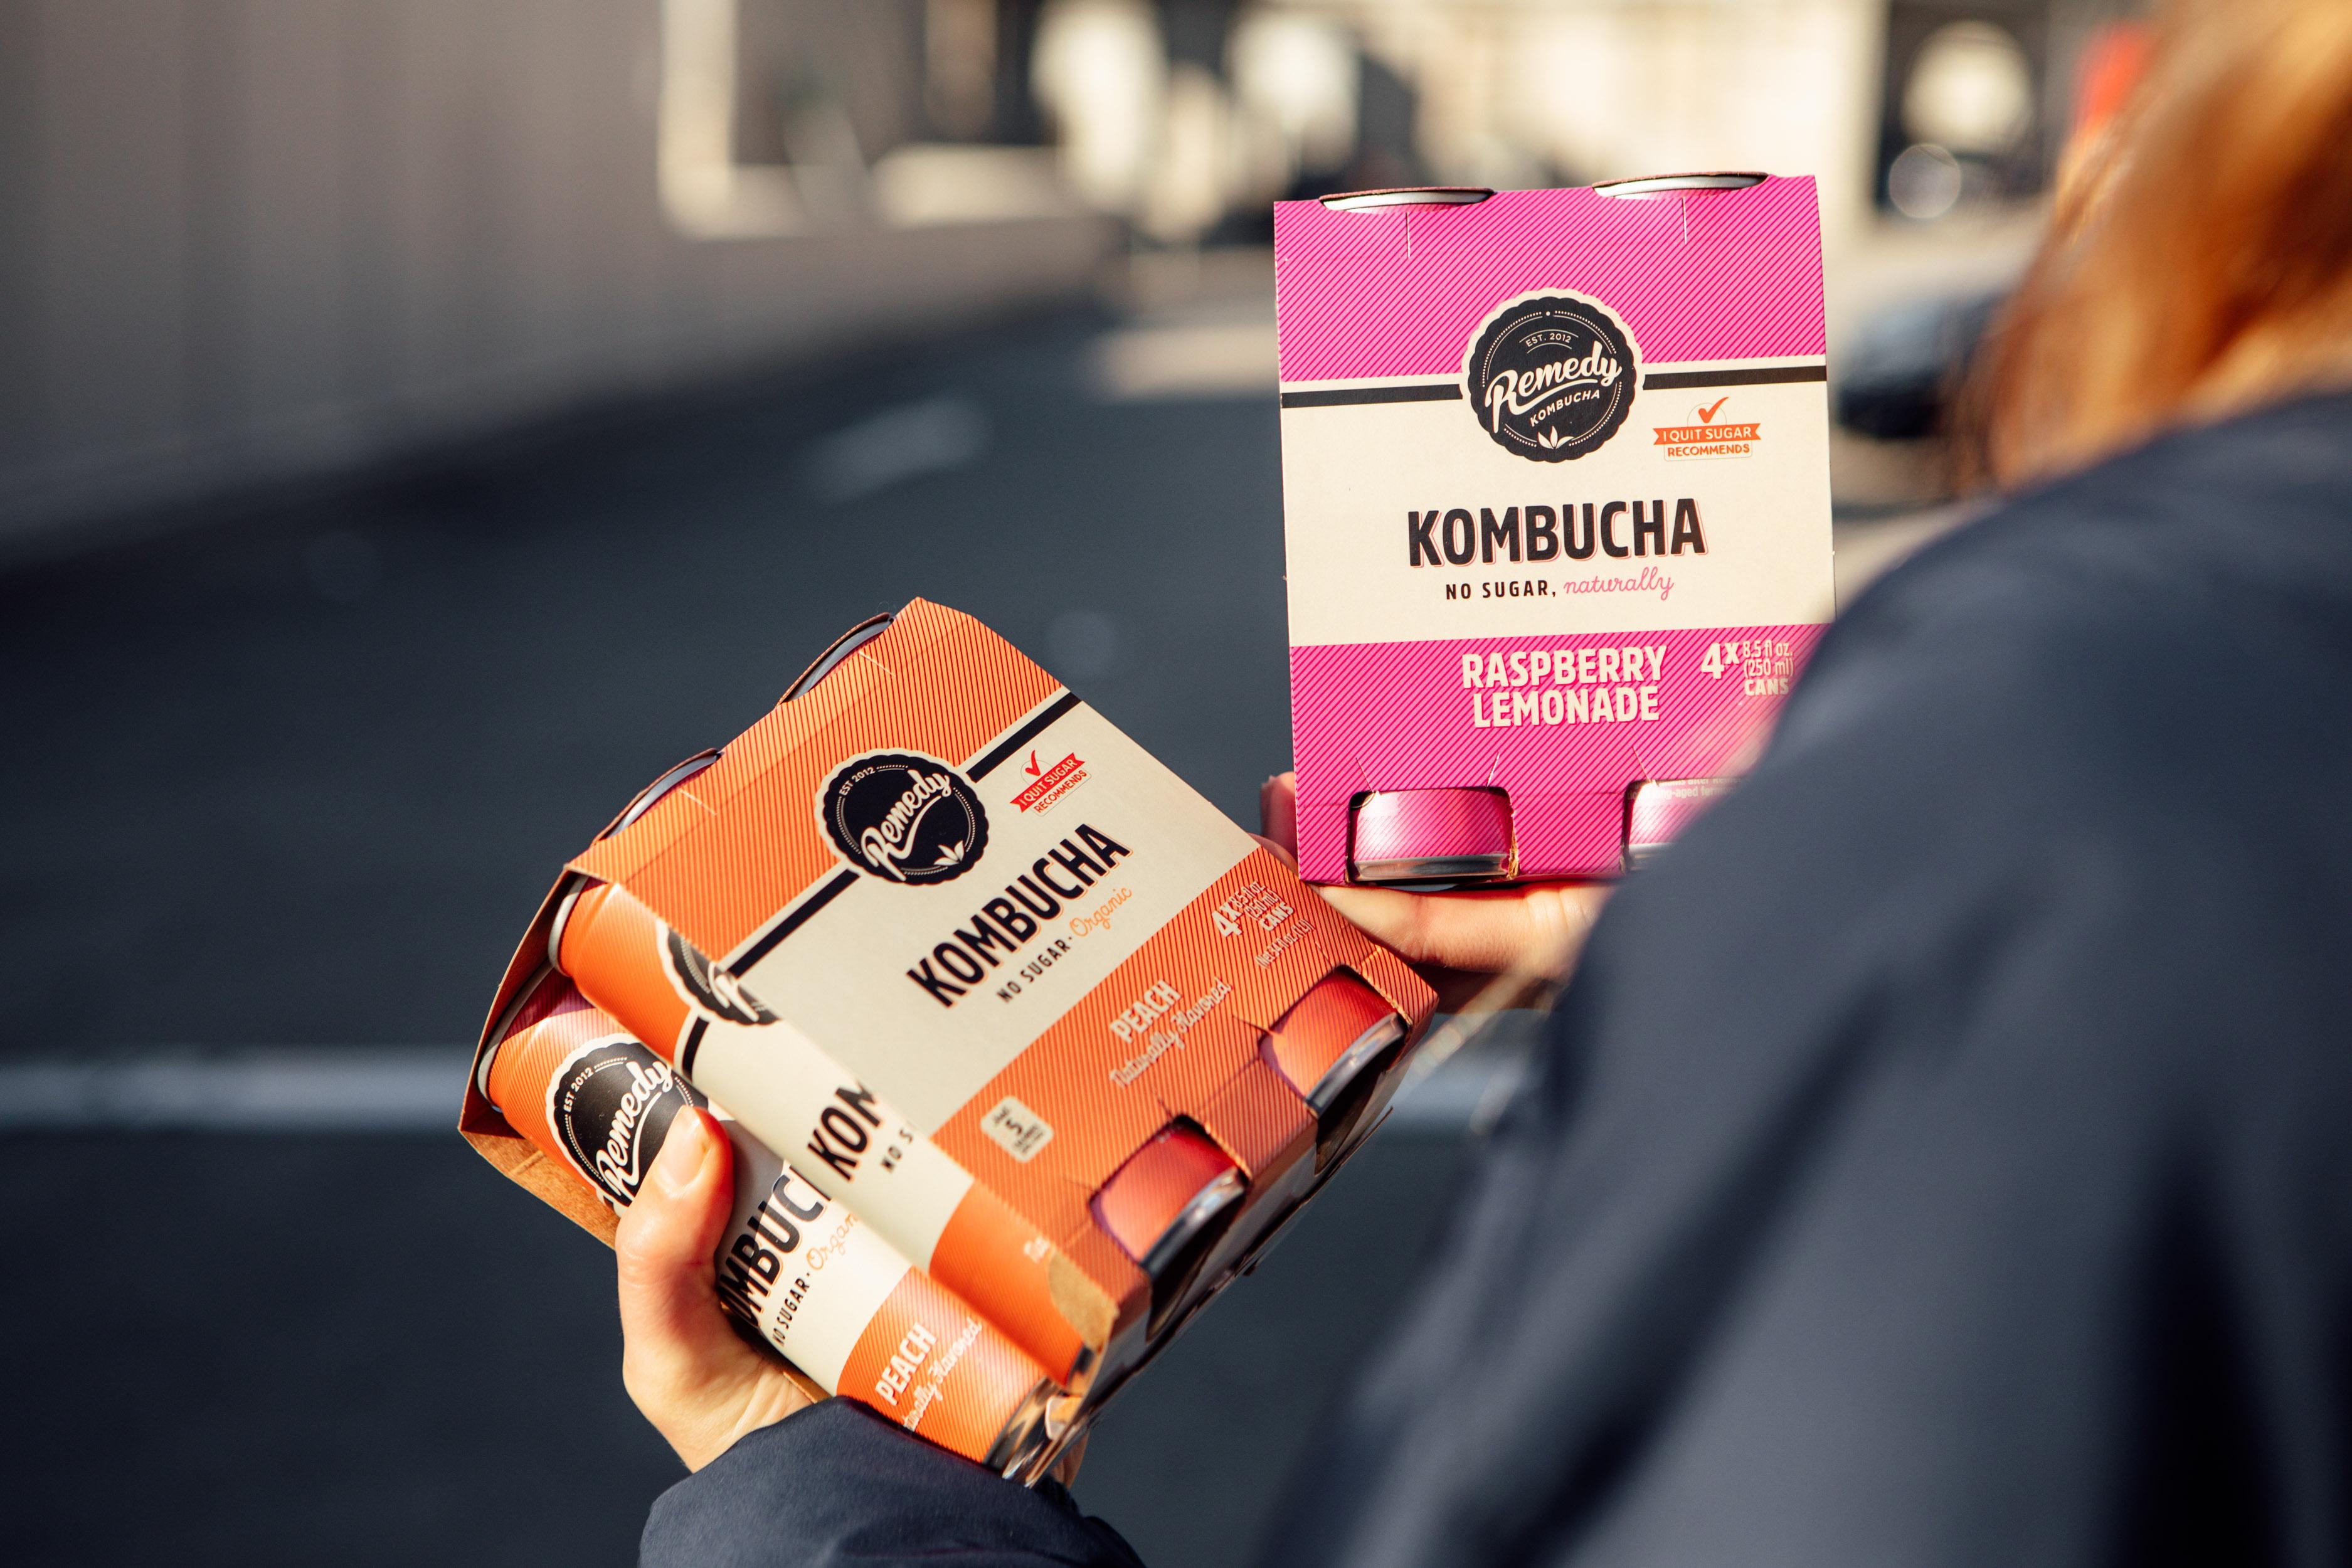 Remedy Kombucha Peach and Raspberry Lemonade